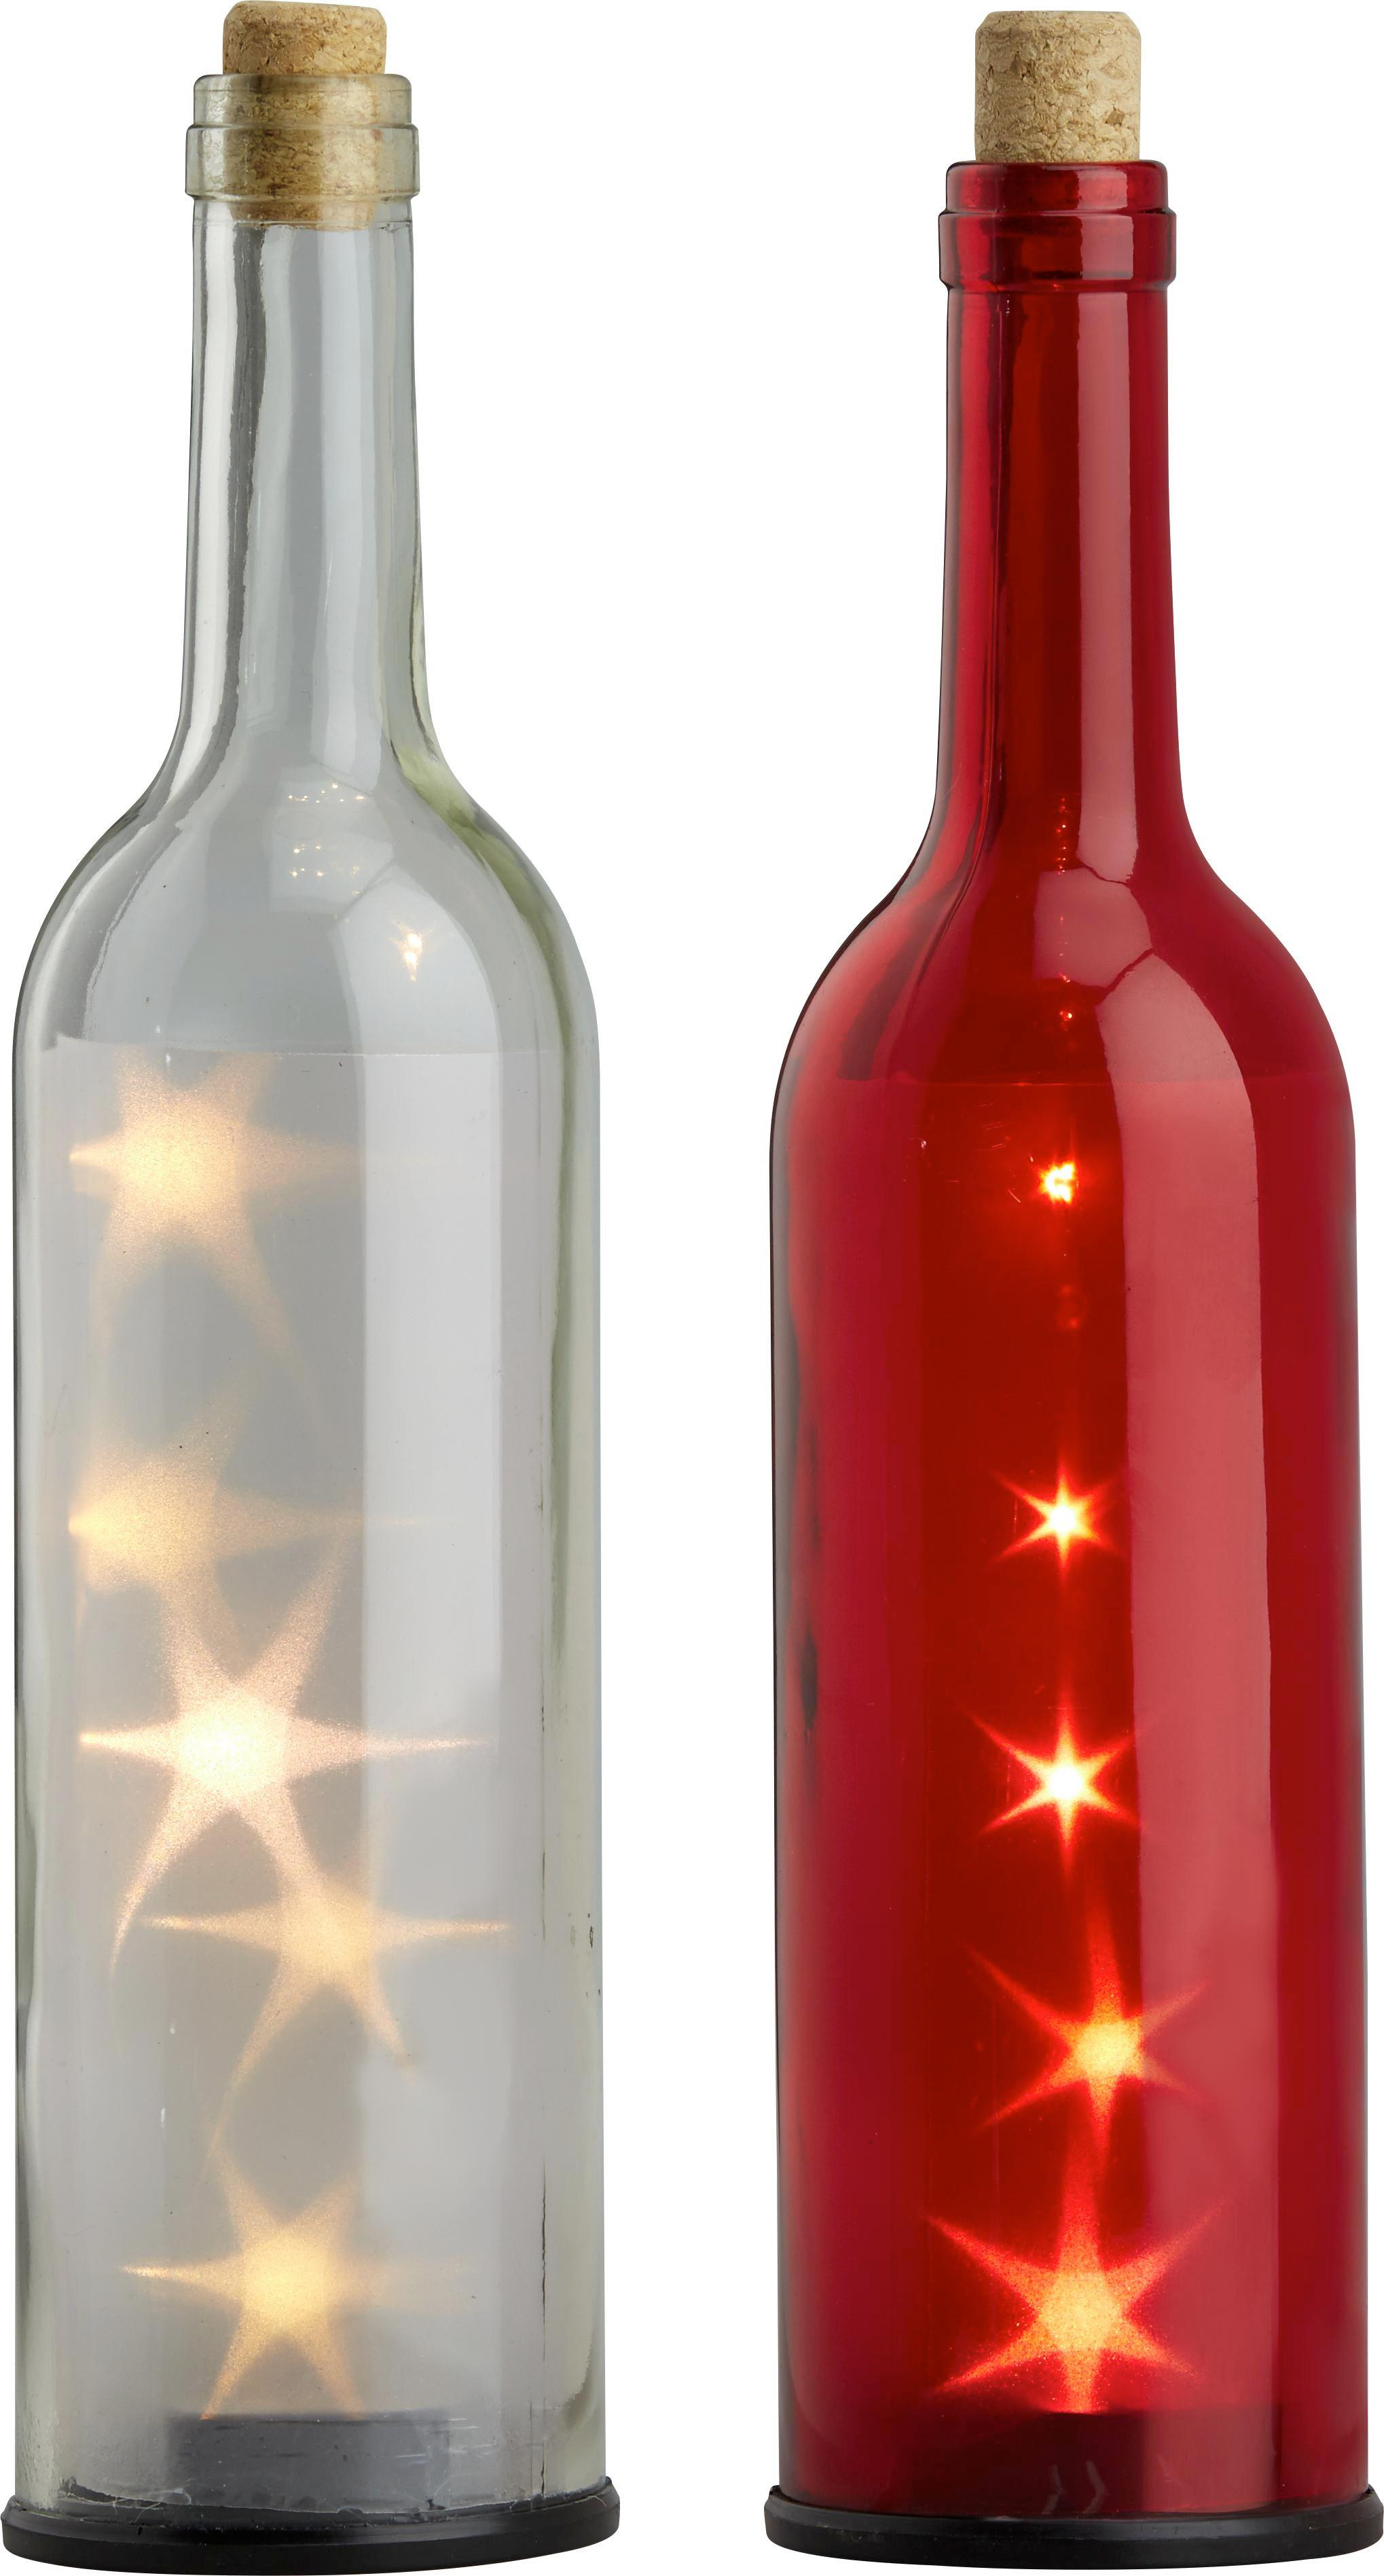 LED-Dekoleuchte Stacy inkl. 5x Led - Transparent/Rot, Glas (30cm)